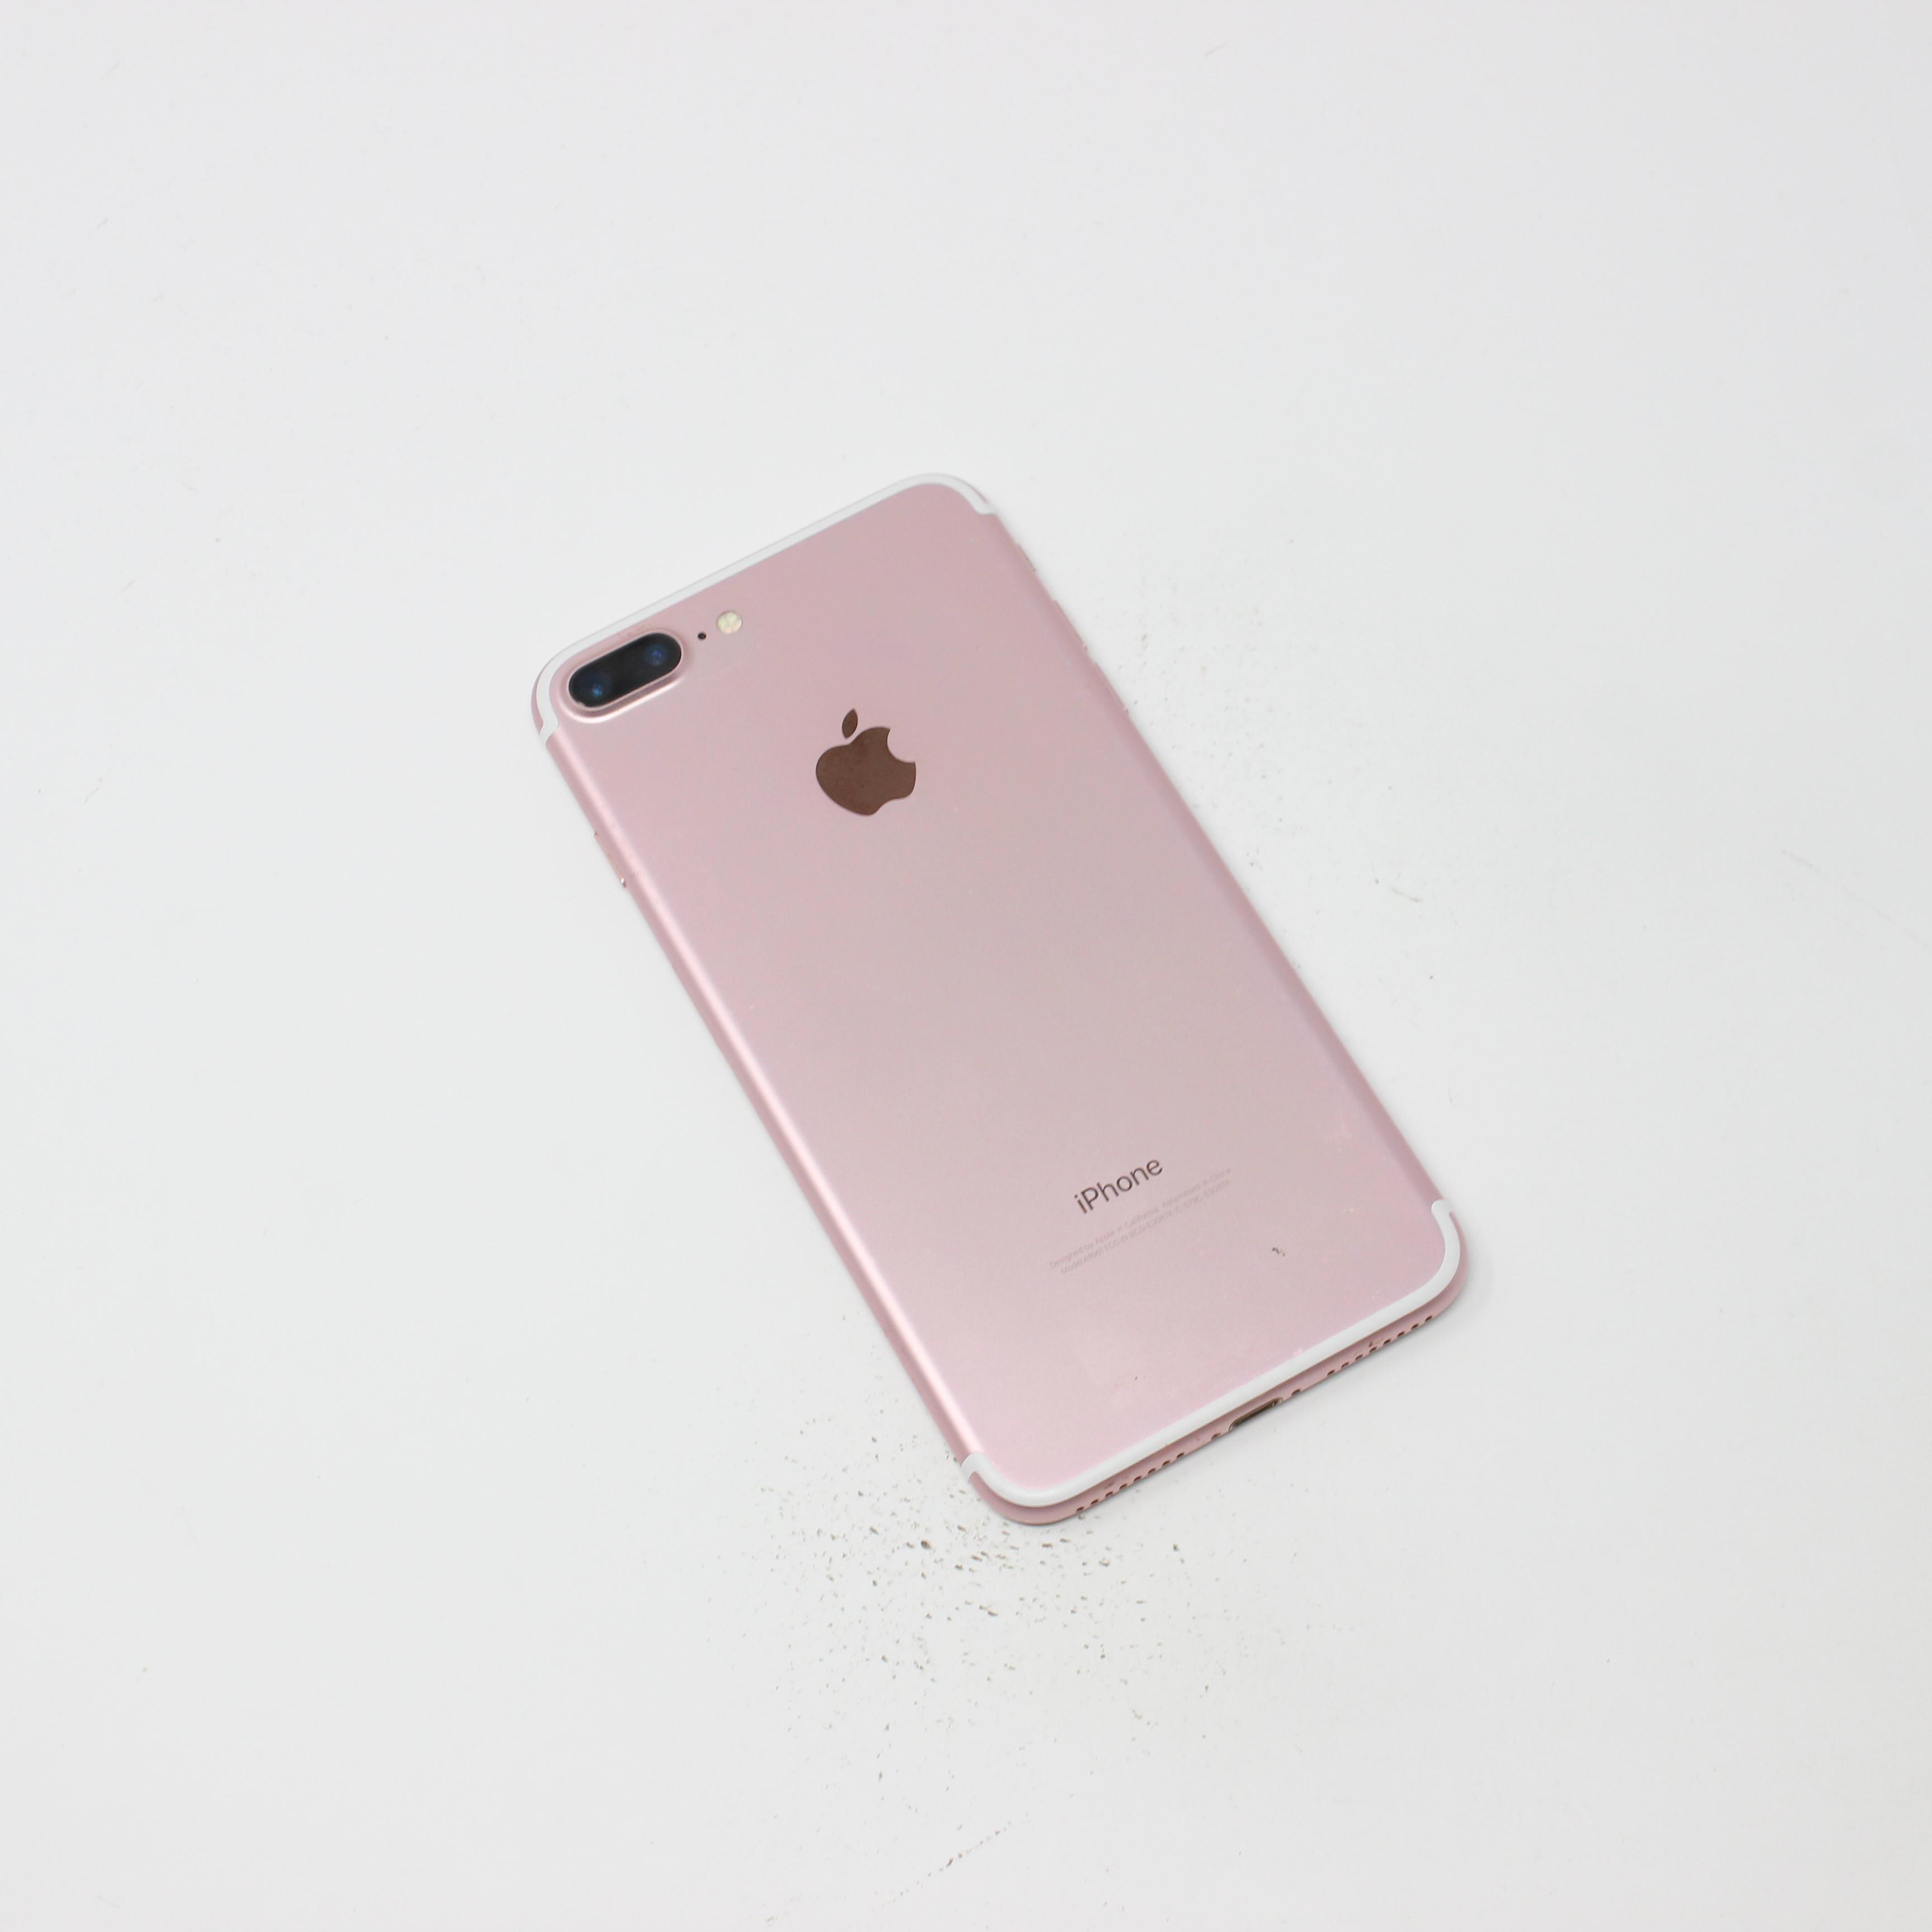 iPhone 7 Plus 32GB Rose Gold - Verizon photo 3 | UpTradeit.com